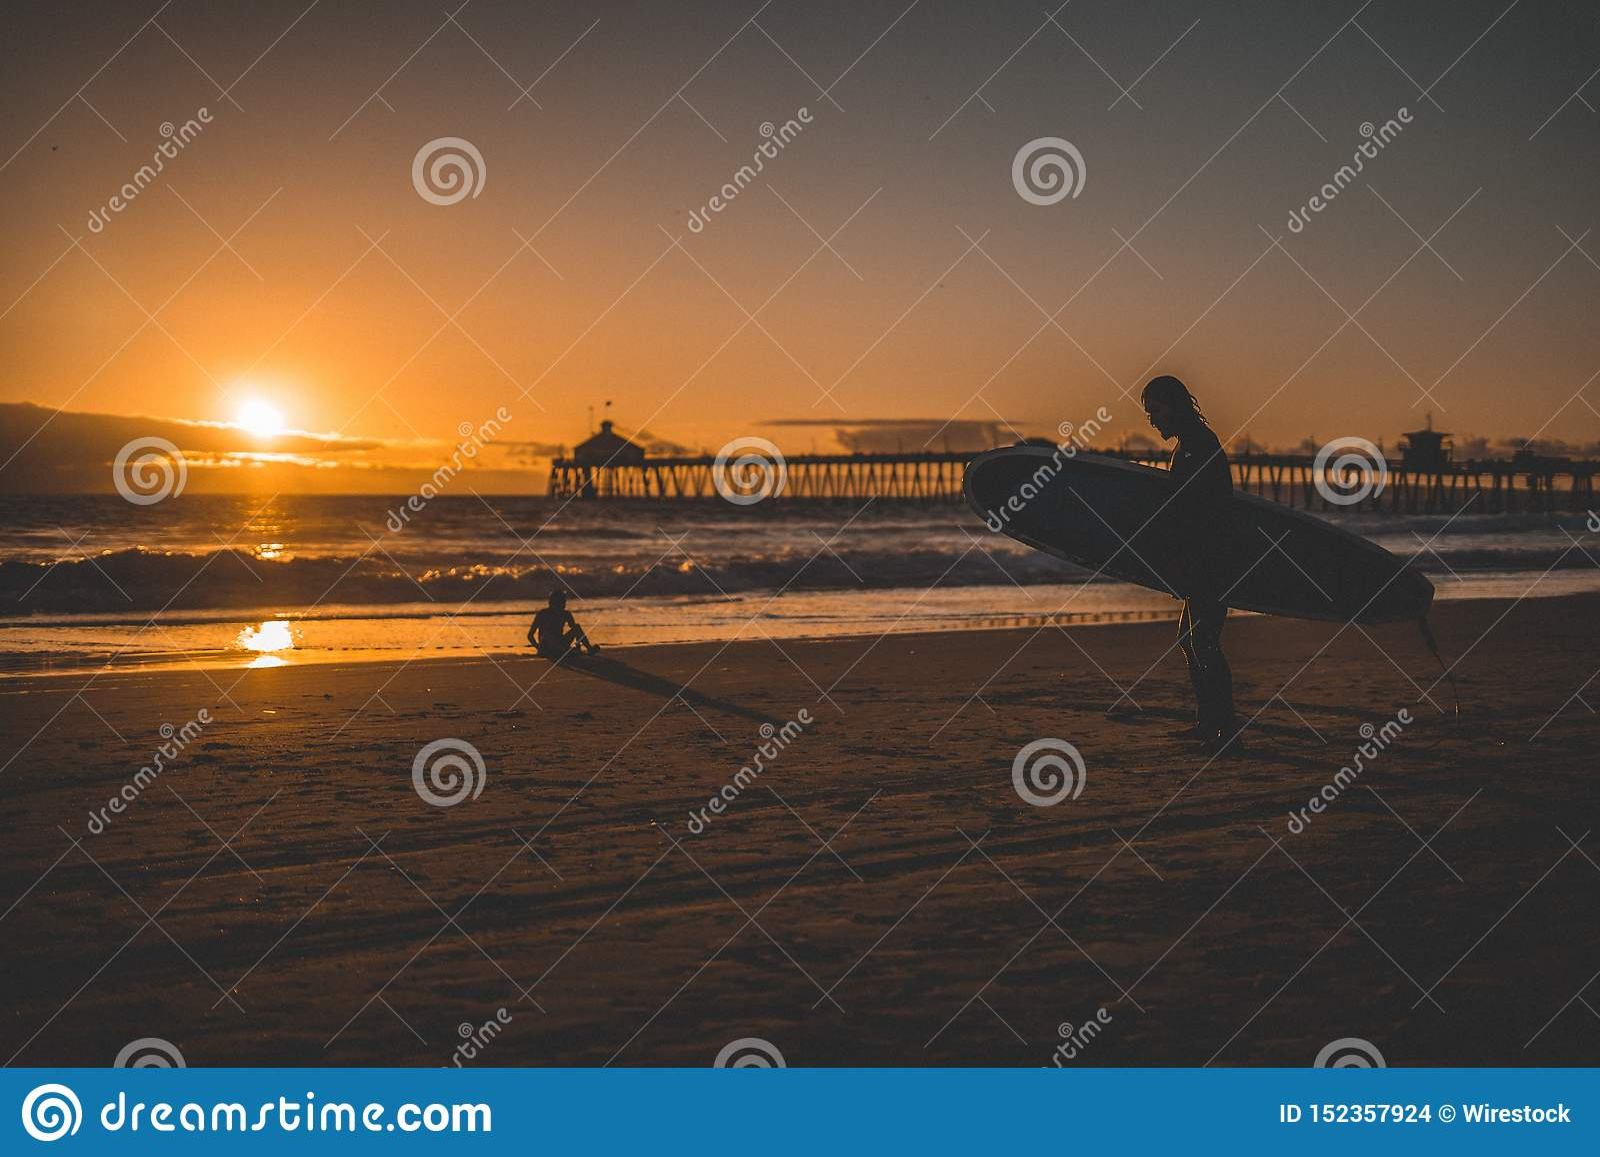 Silhueta de um surfista em um Sandy Beach com o por do sol no fundo